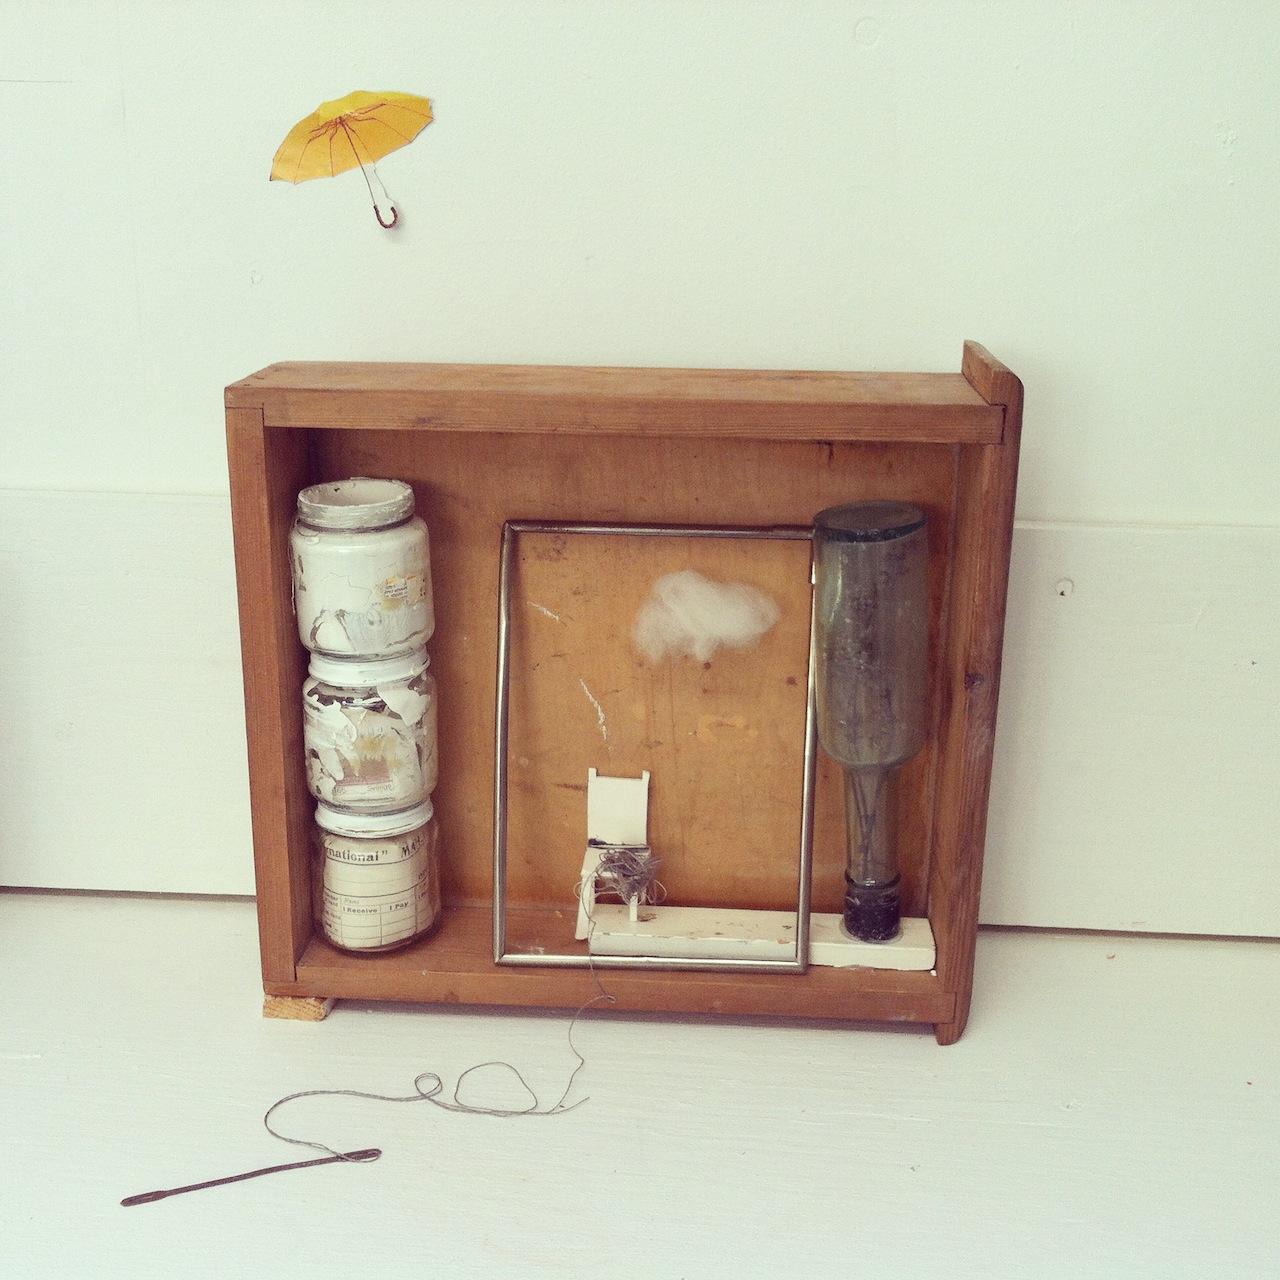 Hanne Mannheimer    Minne I (memory I)  Found objects, unfired clay, wood, 2018